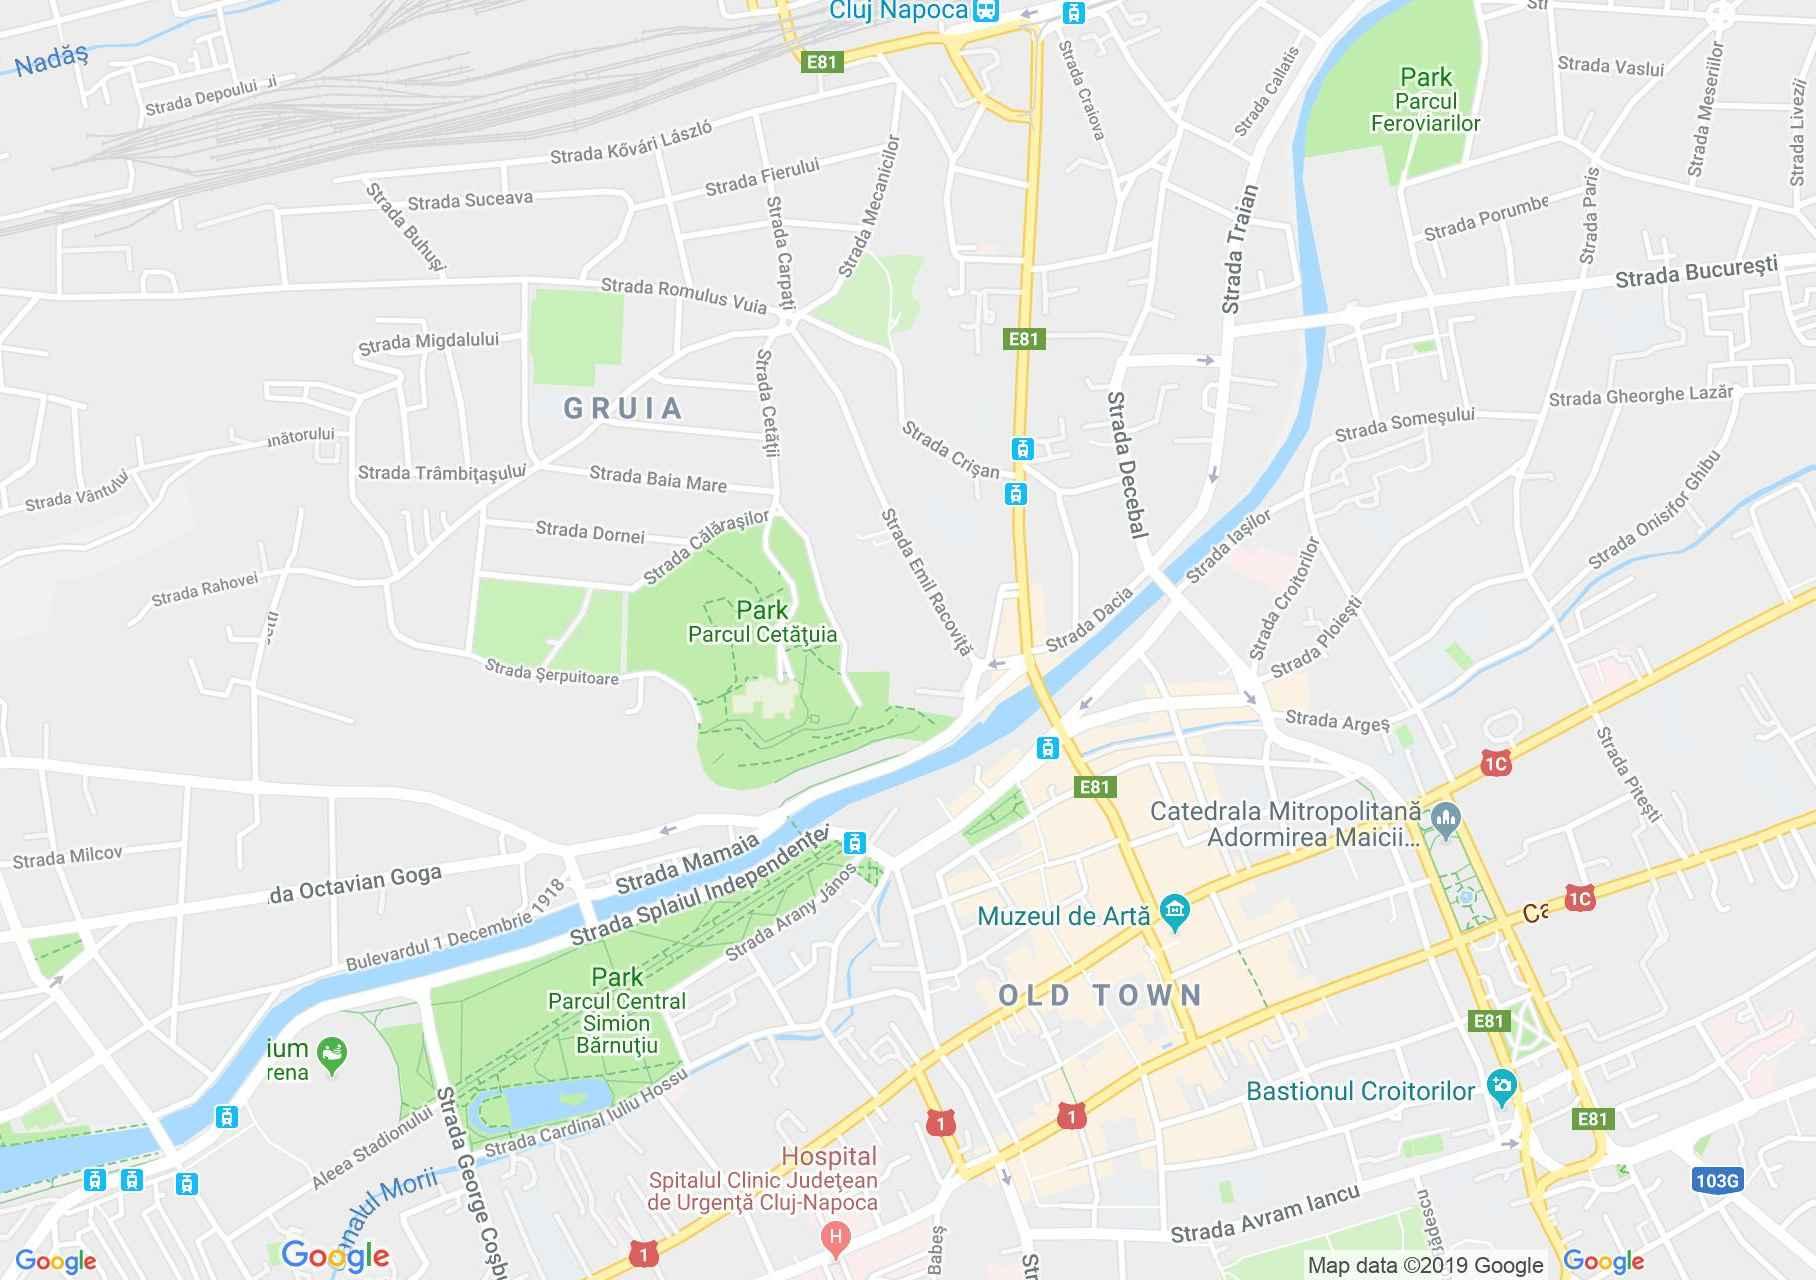 Map of Cluj-Napoca: UMP, the administration, Triska house